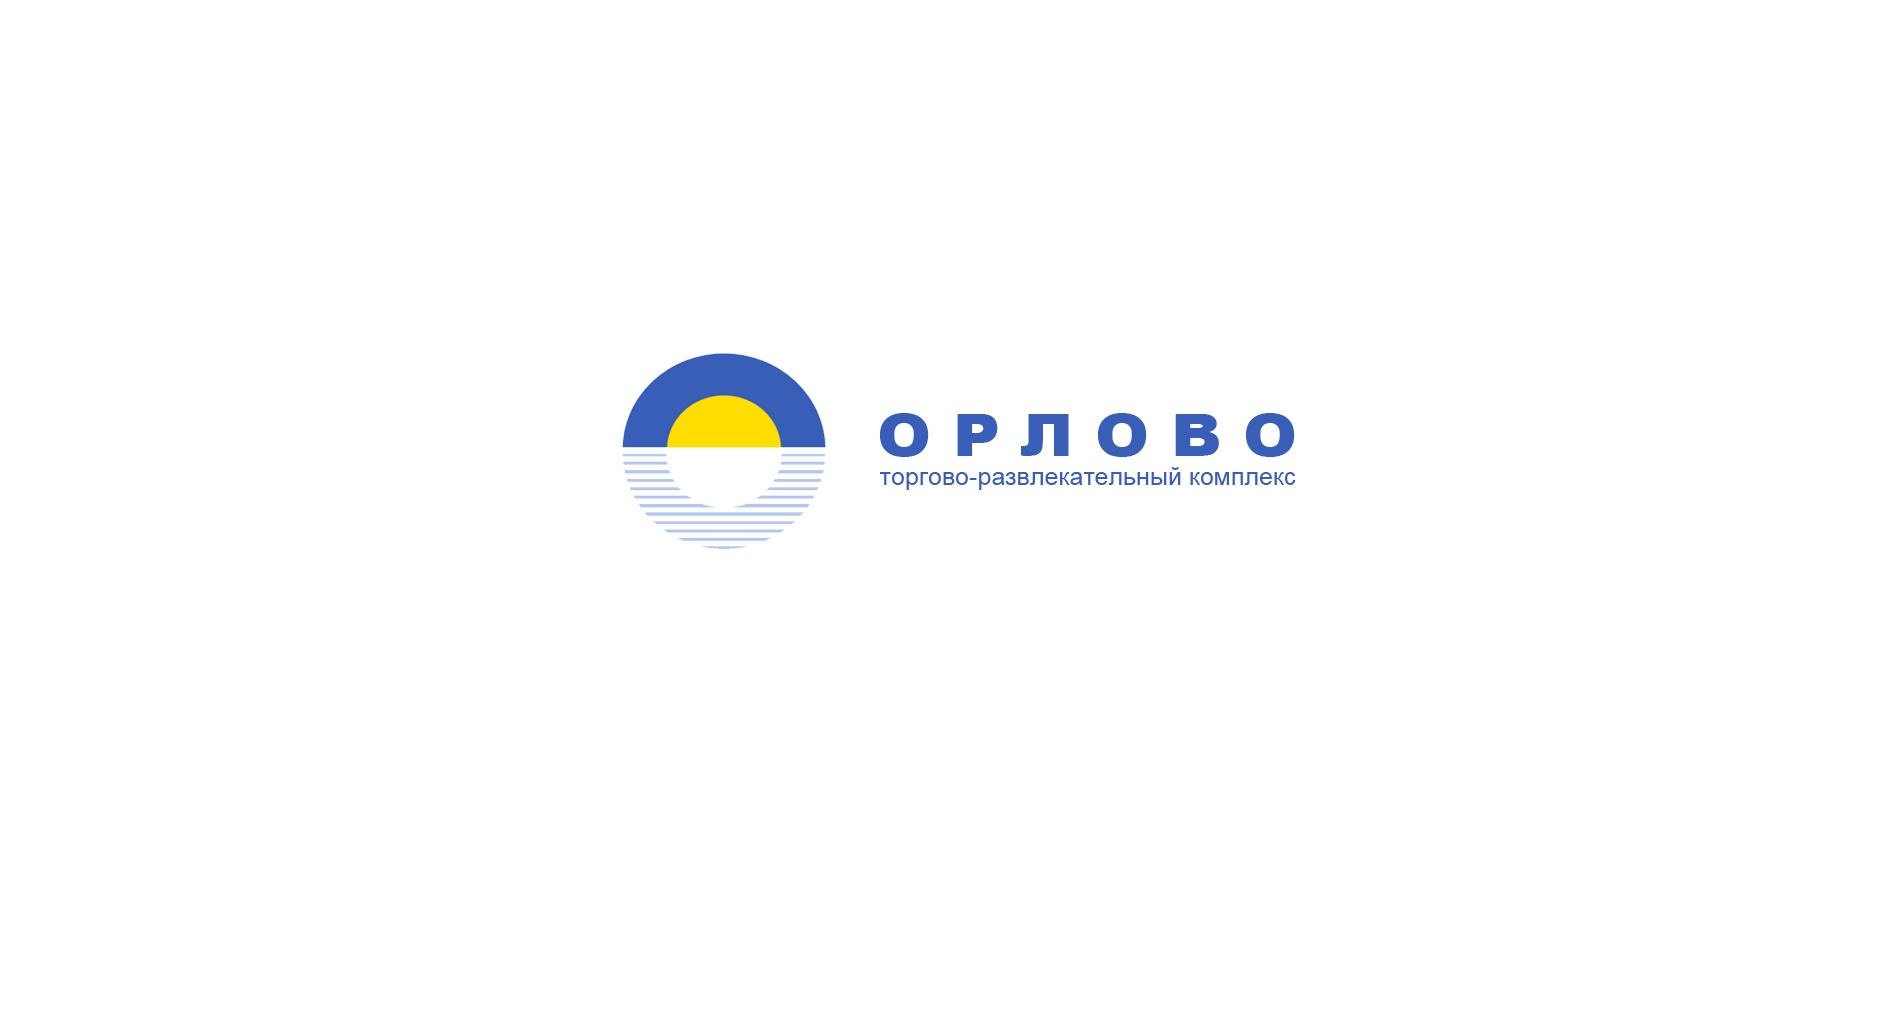 Разработка логотипа для Торгово-развлекательного комплекса фото f_98659658ad5744a9.jpg